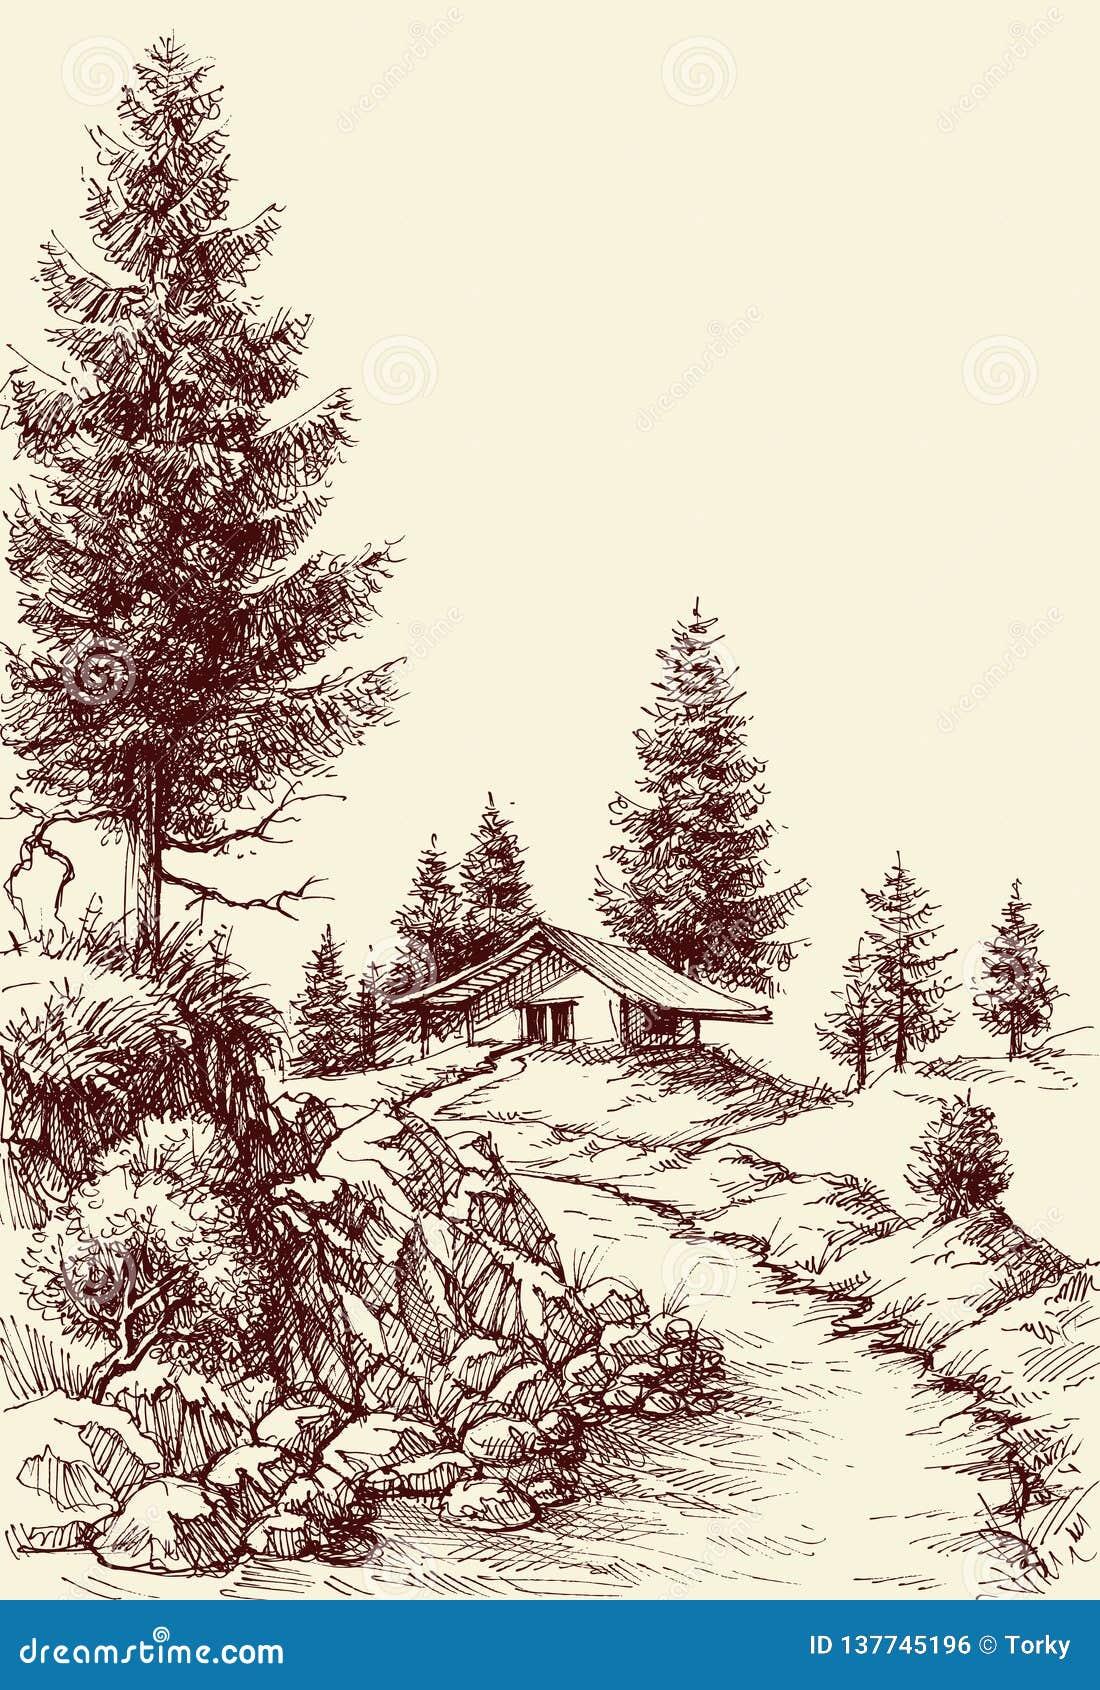 田园诗风景手图画